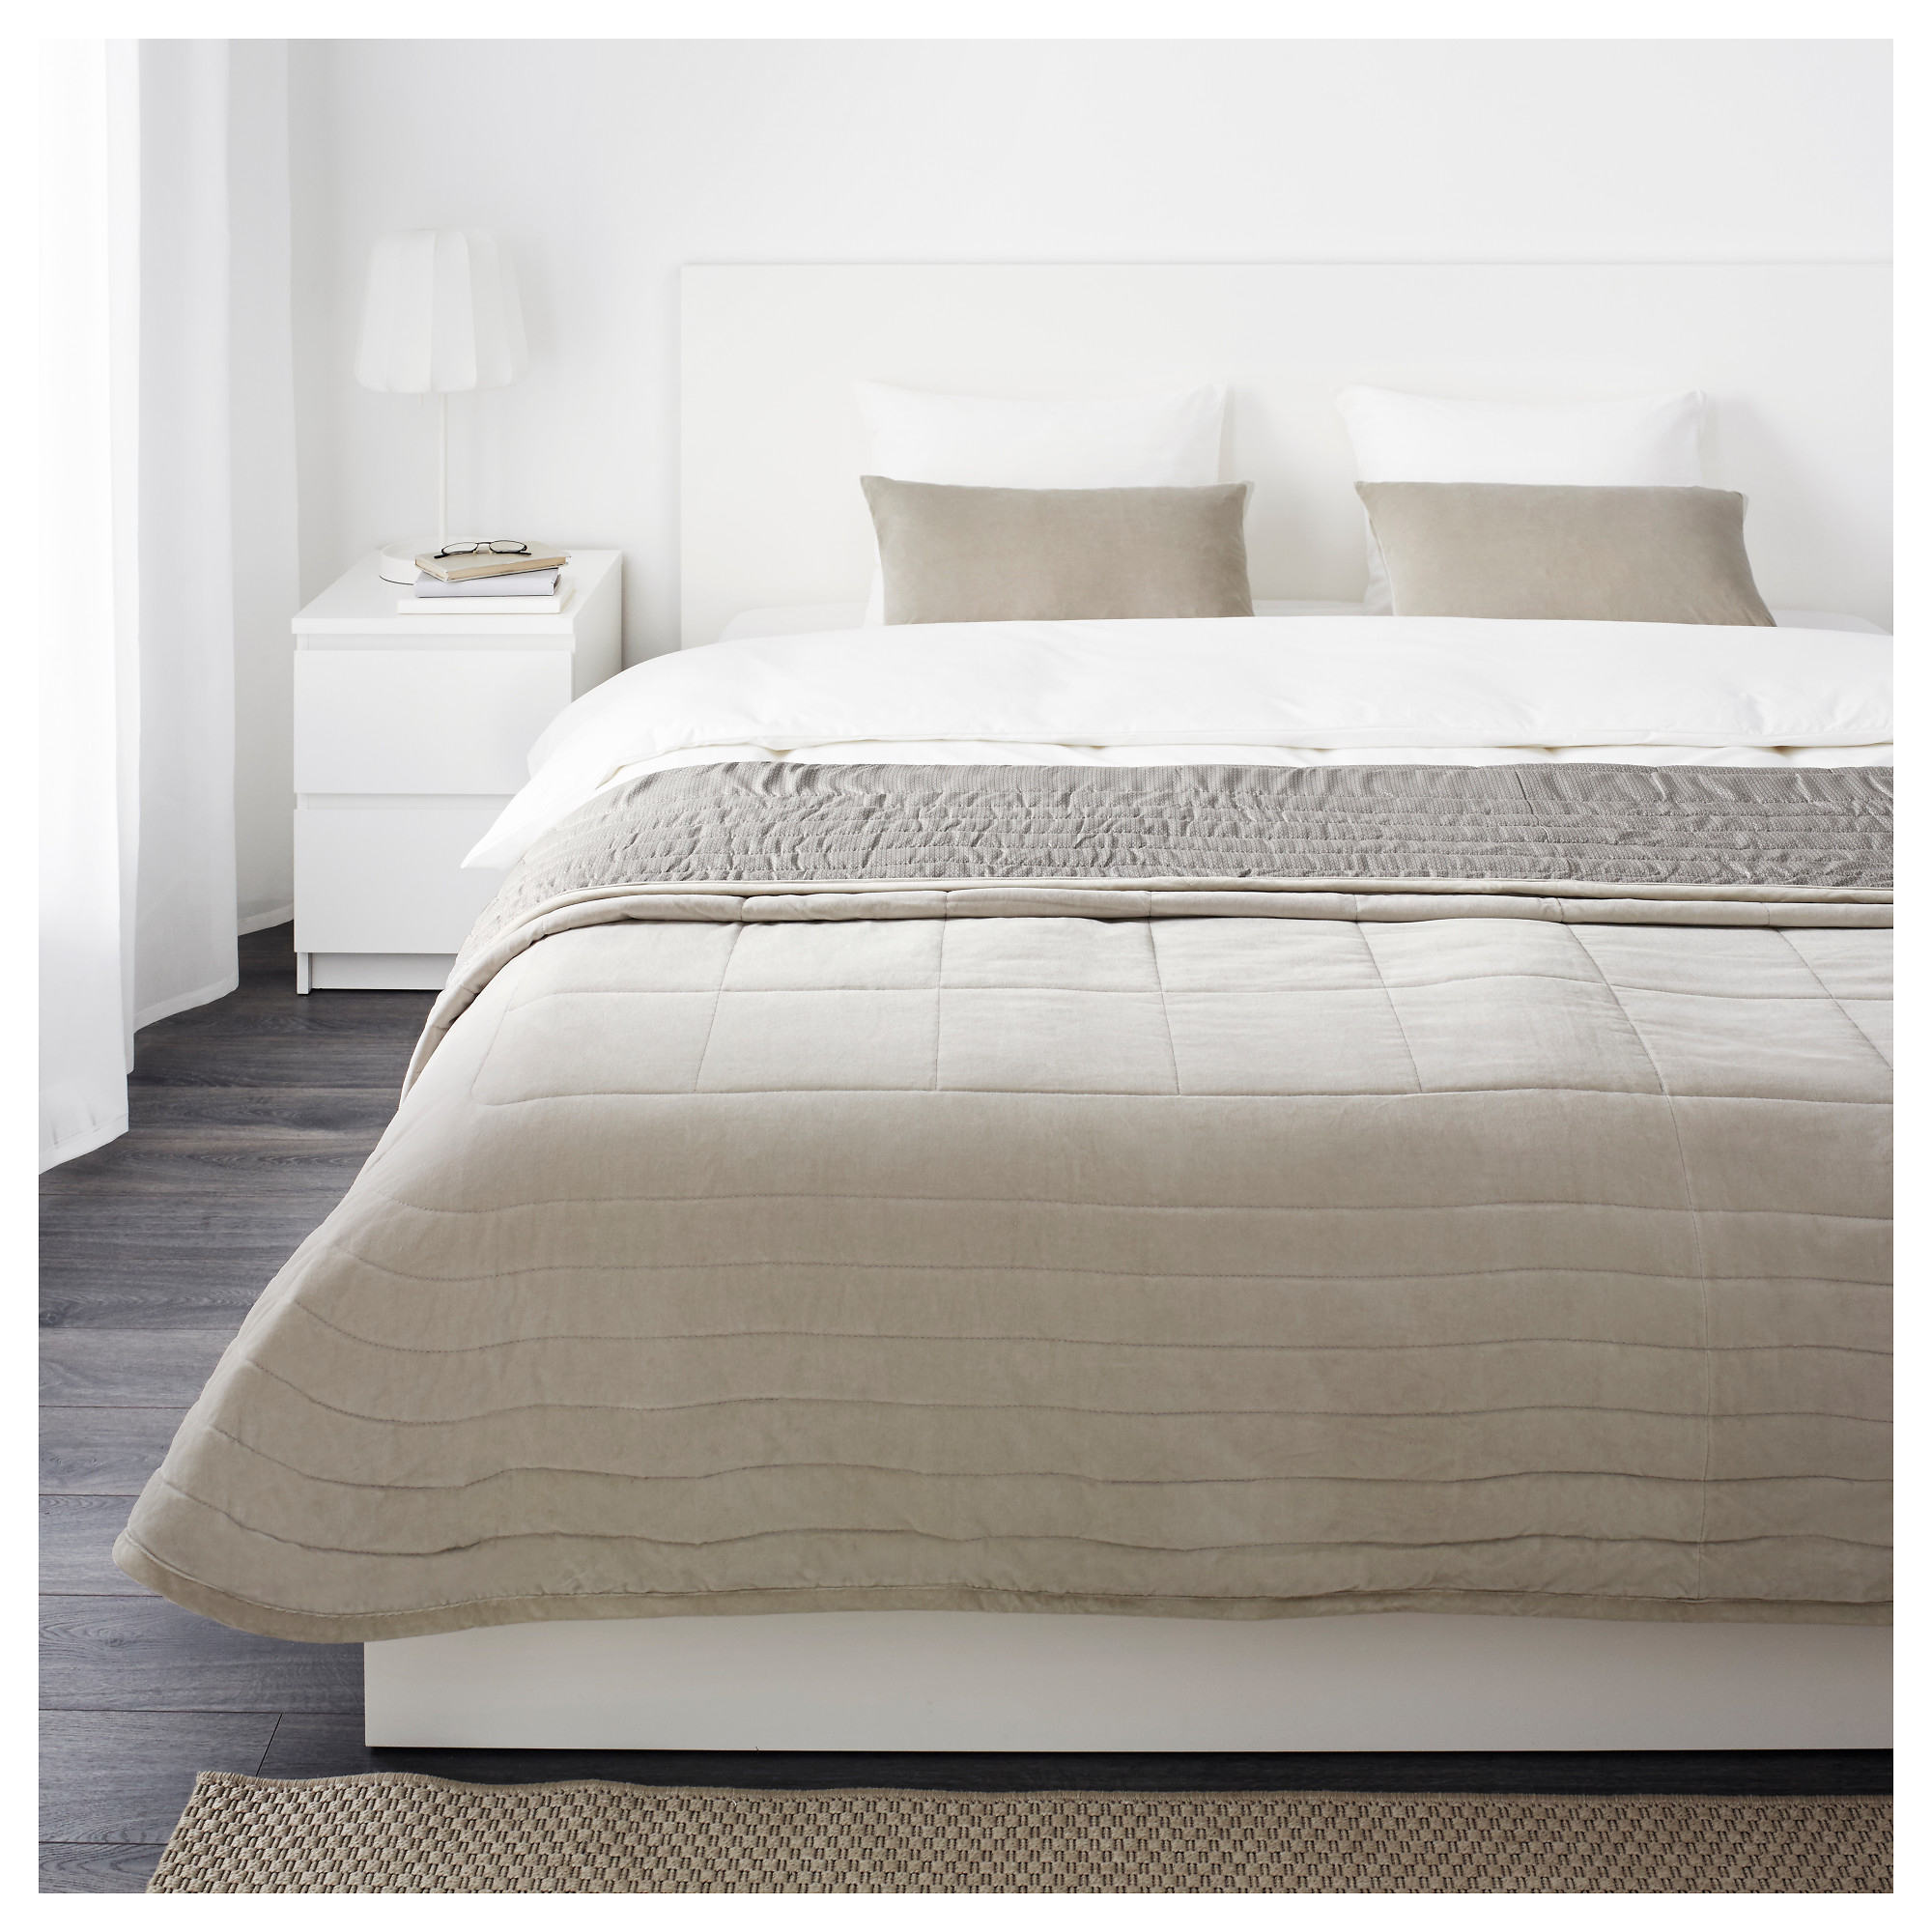 Plaid Blanc Ikea Beau Photos Jete De Canape Ikea Plaid Marron Pour Canapé Lovely 16 Nouveau Des S